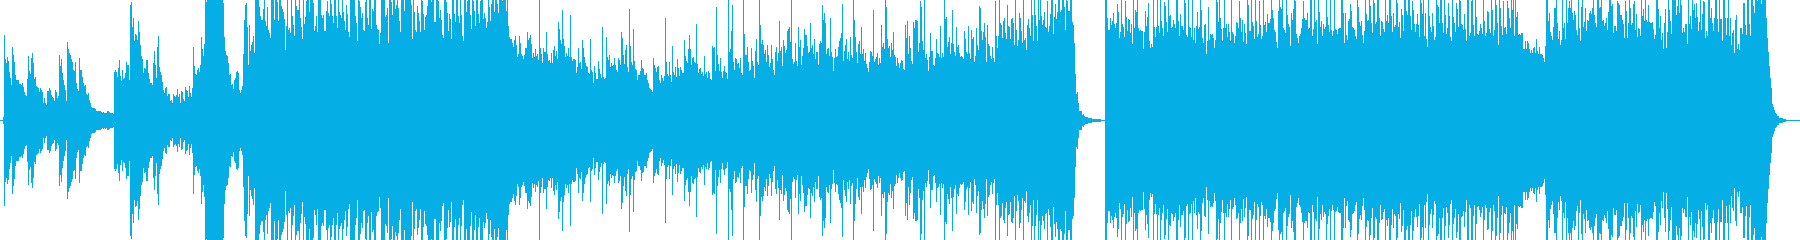 爽やかでカワイイ元気なピアノポップロックの再生済みの波形